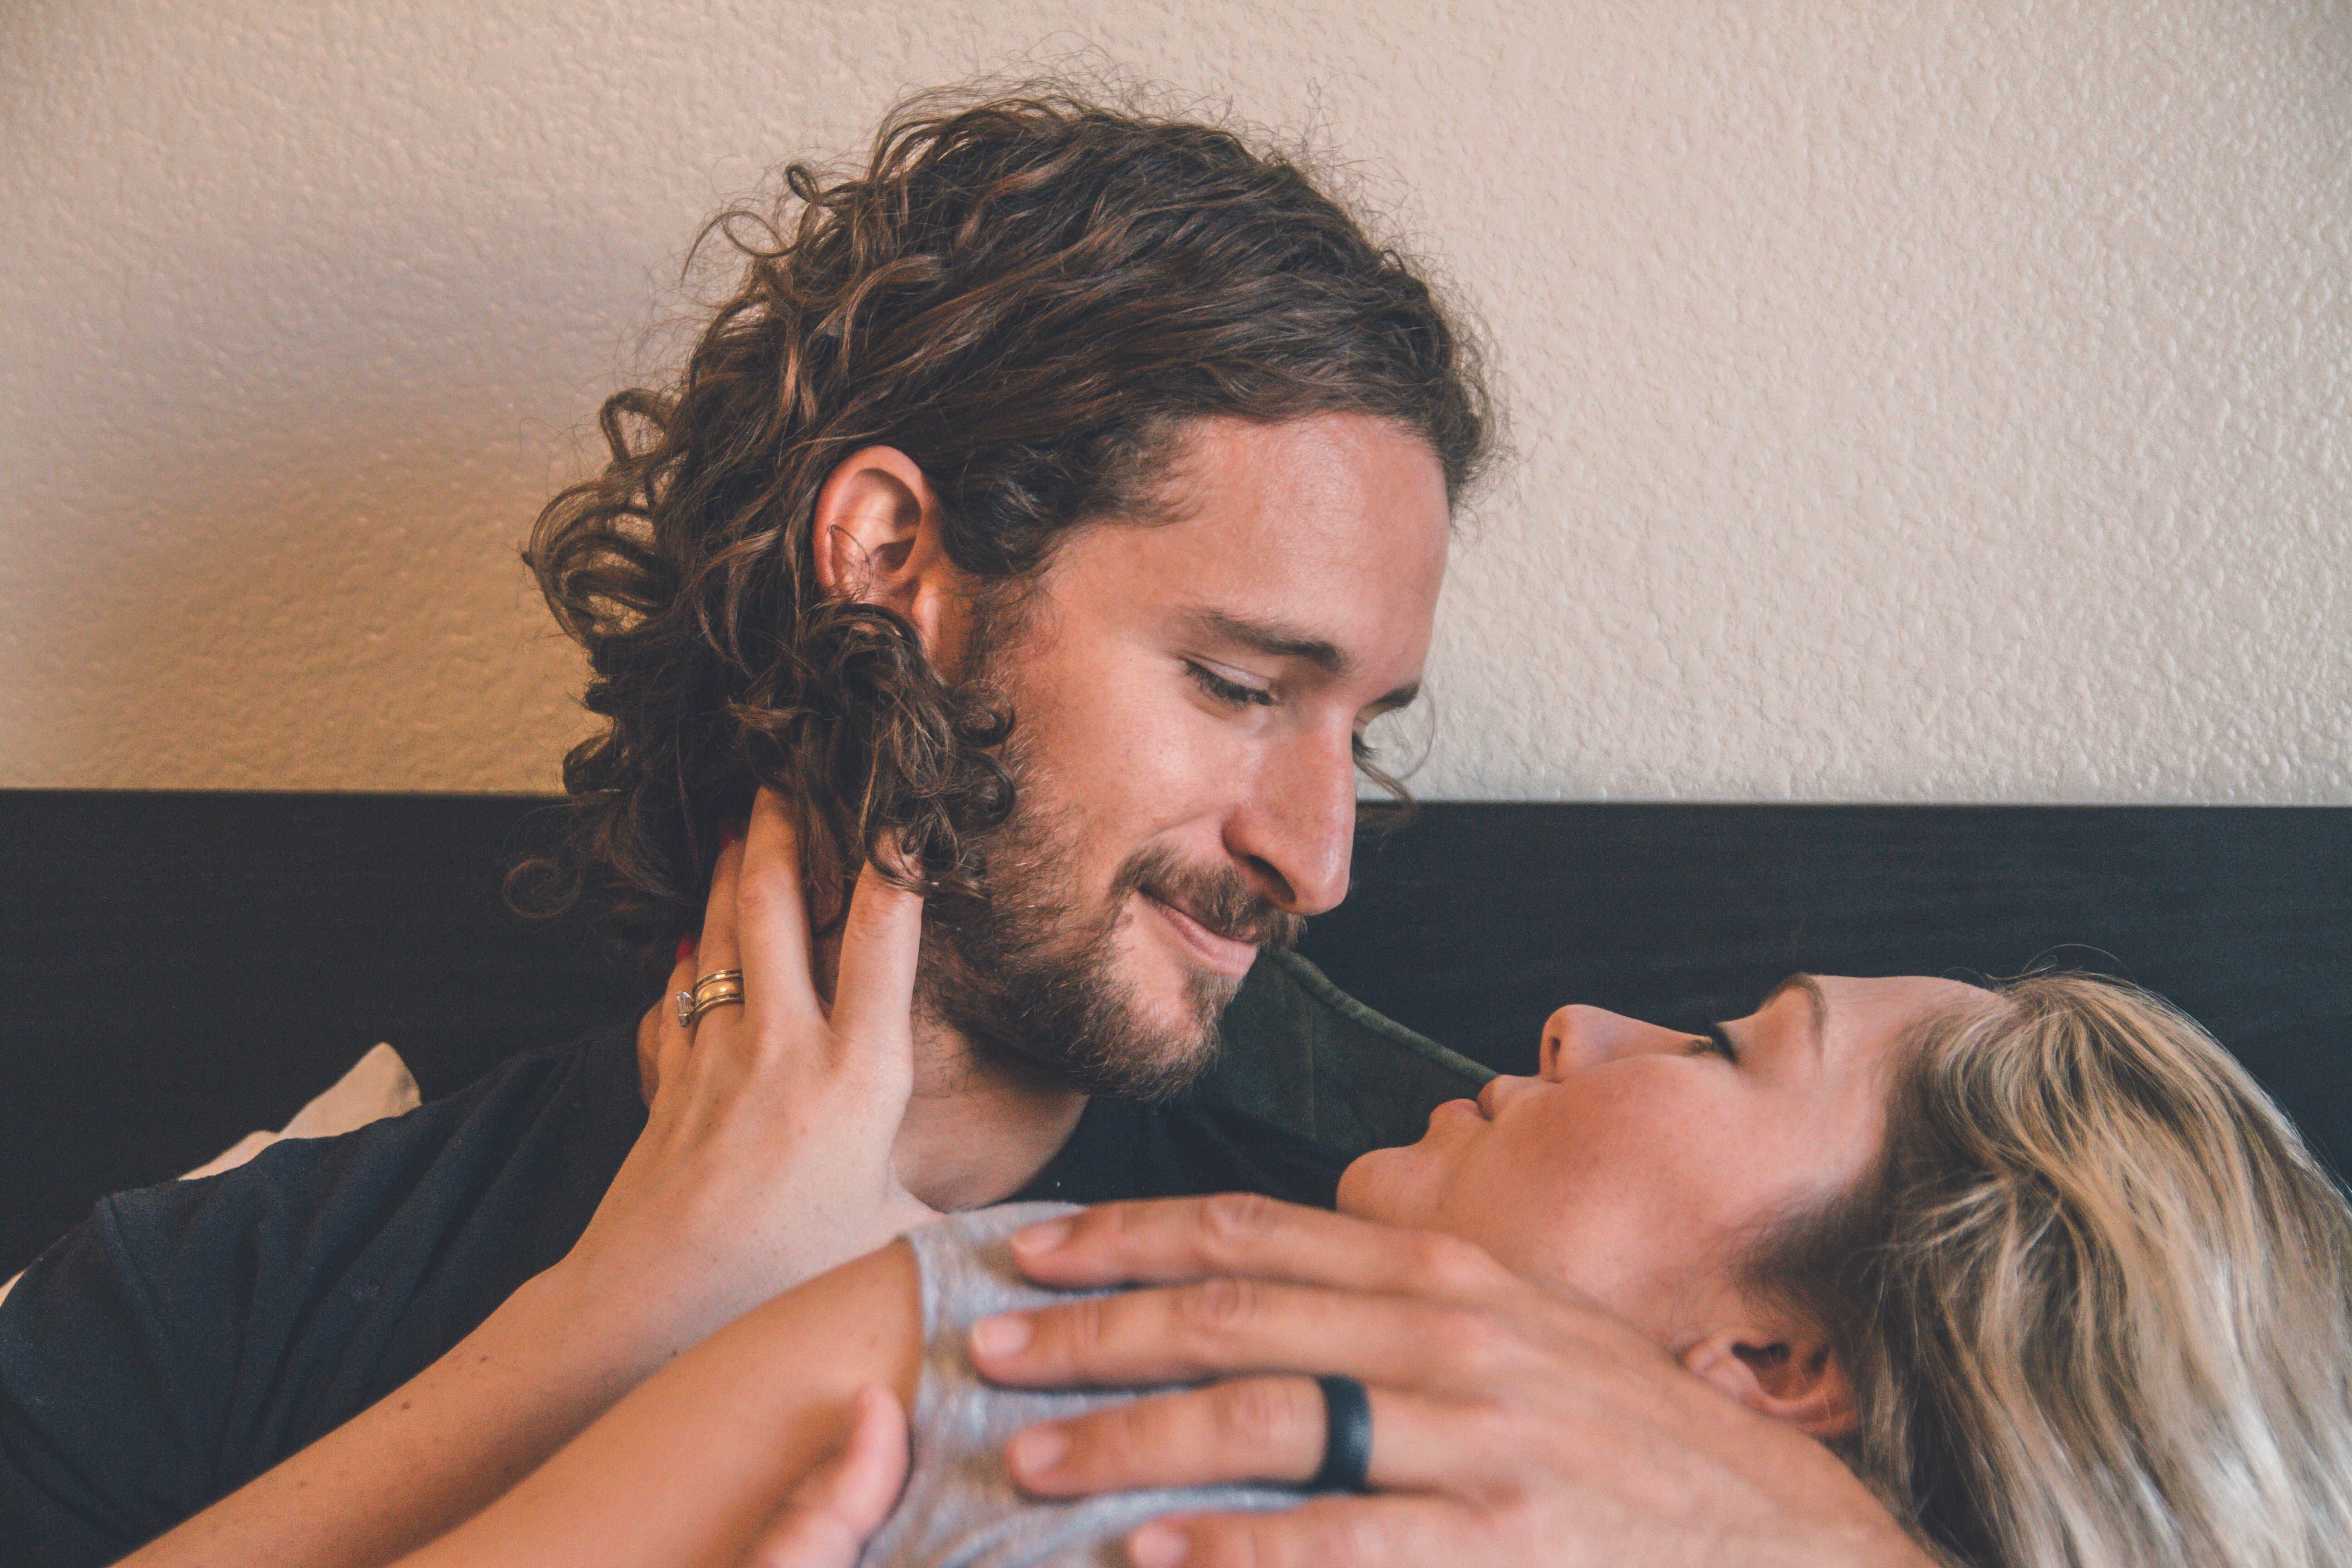 口を覆う女性の画像